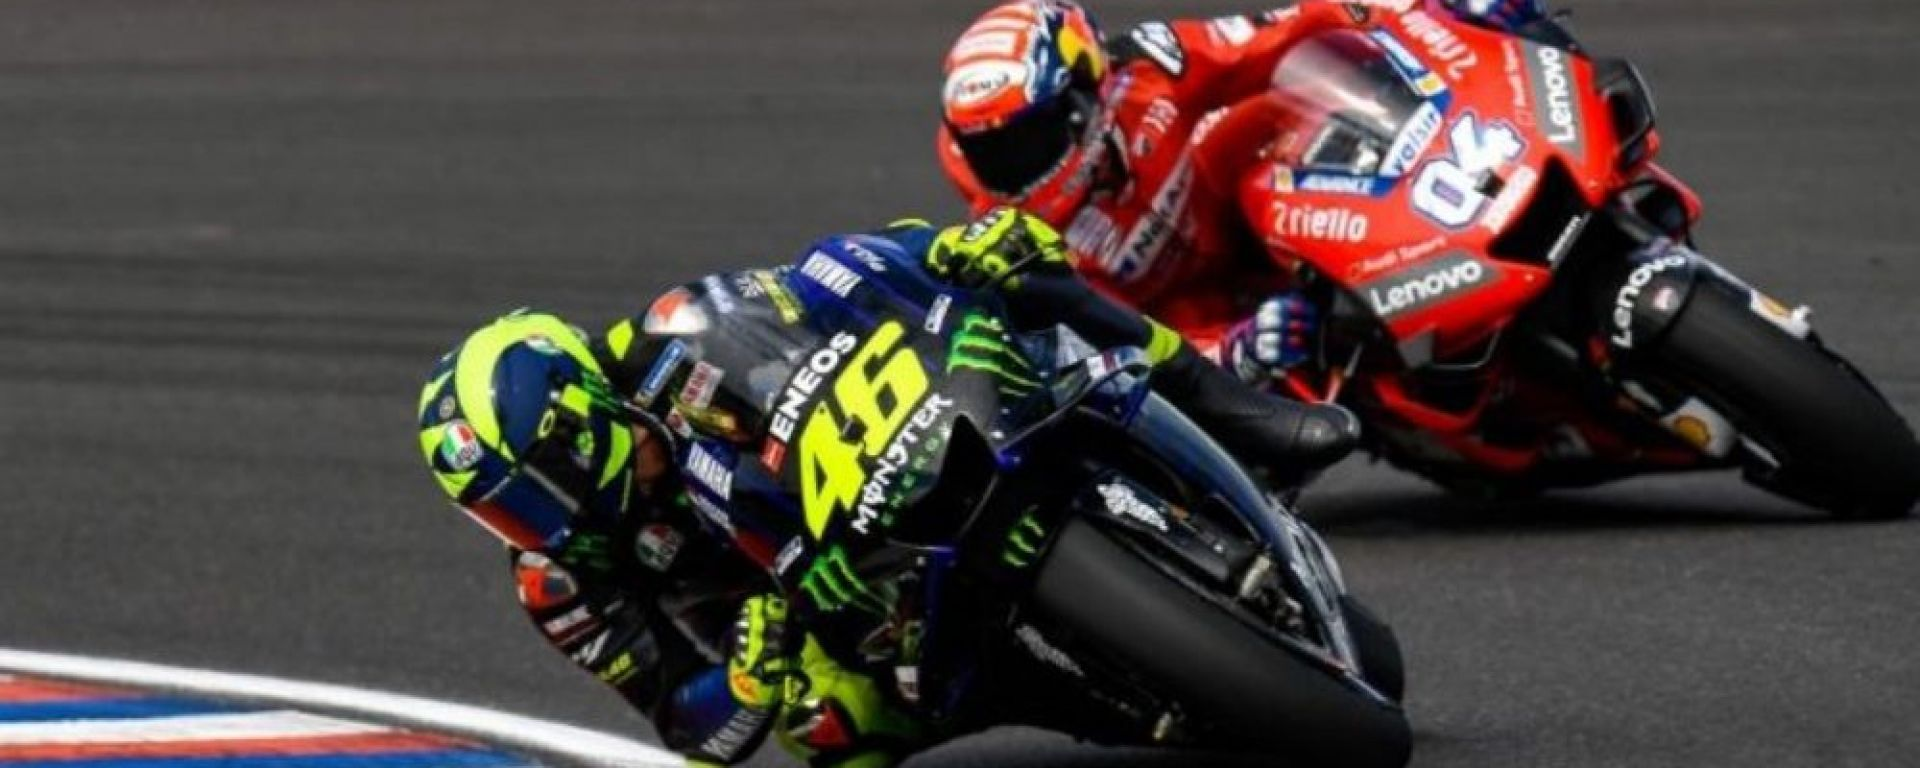 MotoGP Francia 2019, Le Mans. Valentino Rossi (Yamaha) e Andrea Dovizioso (Ducati)